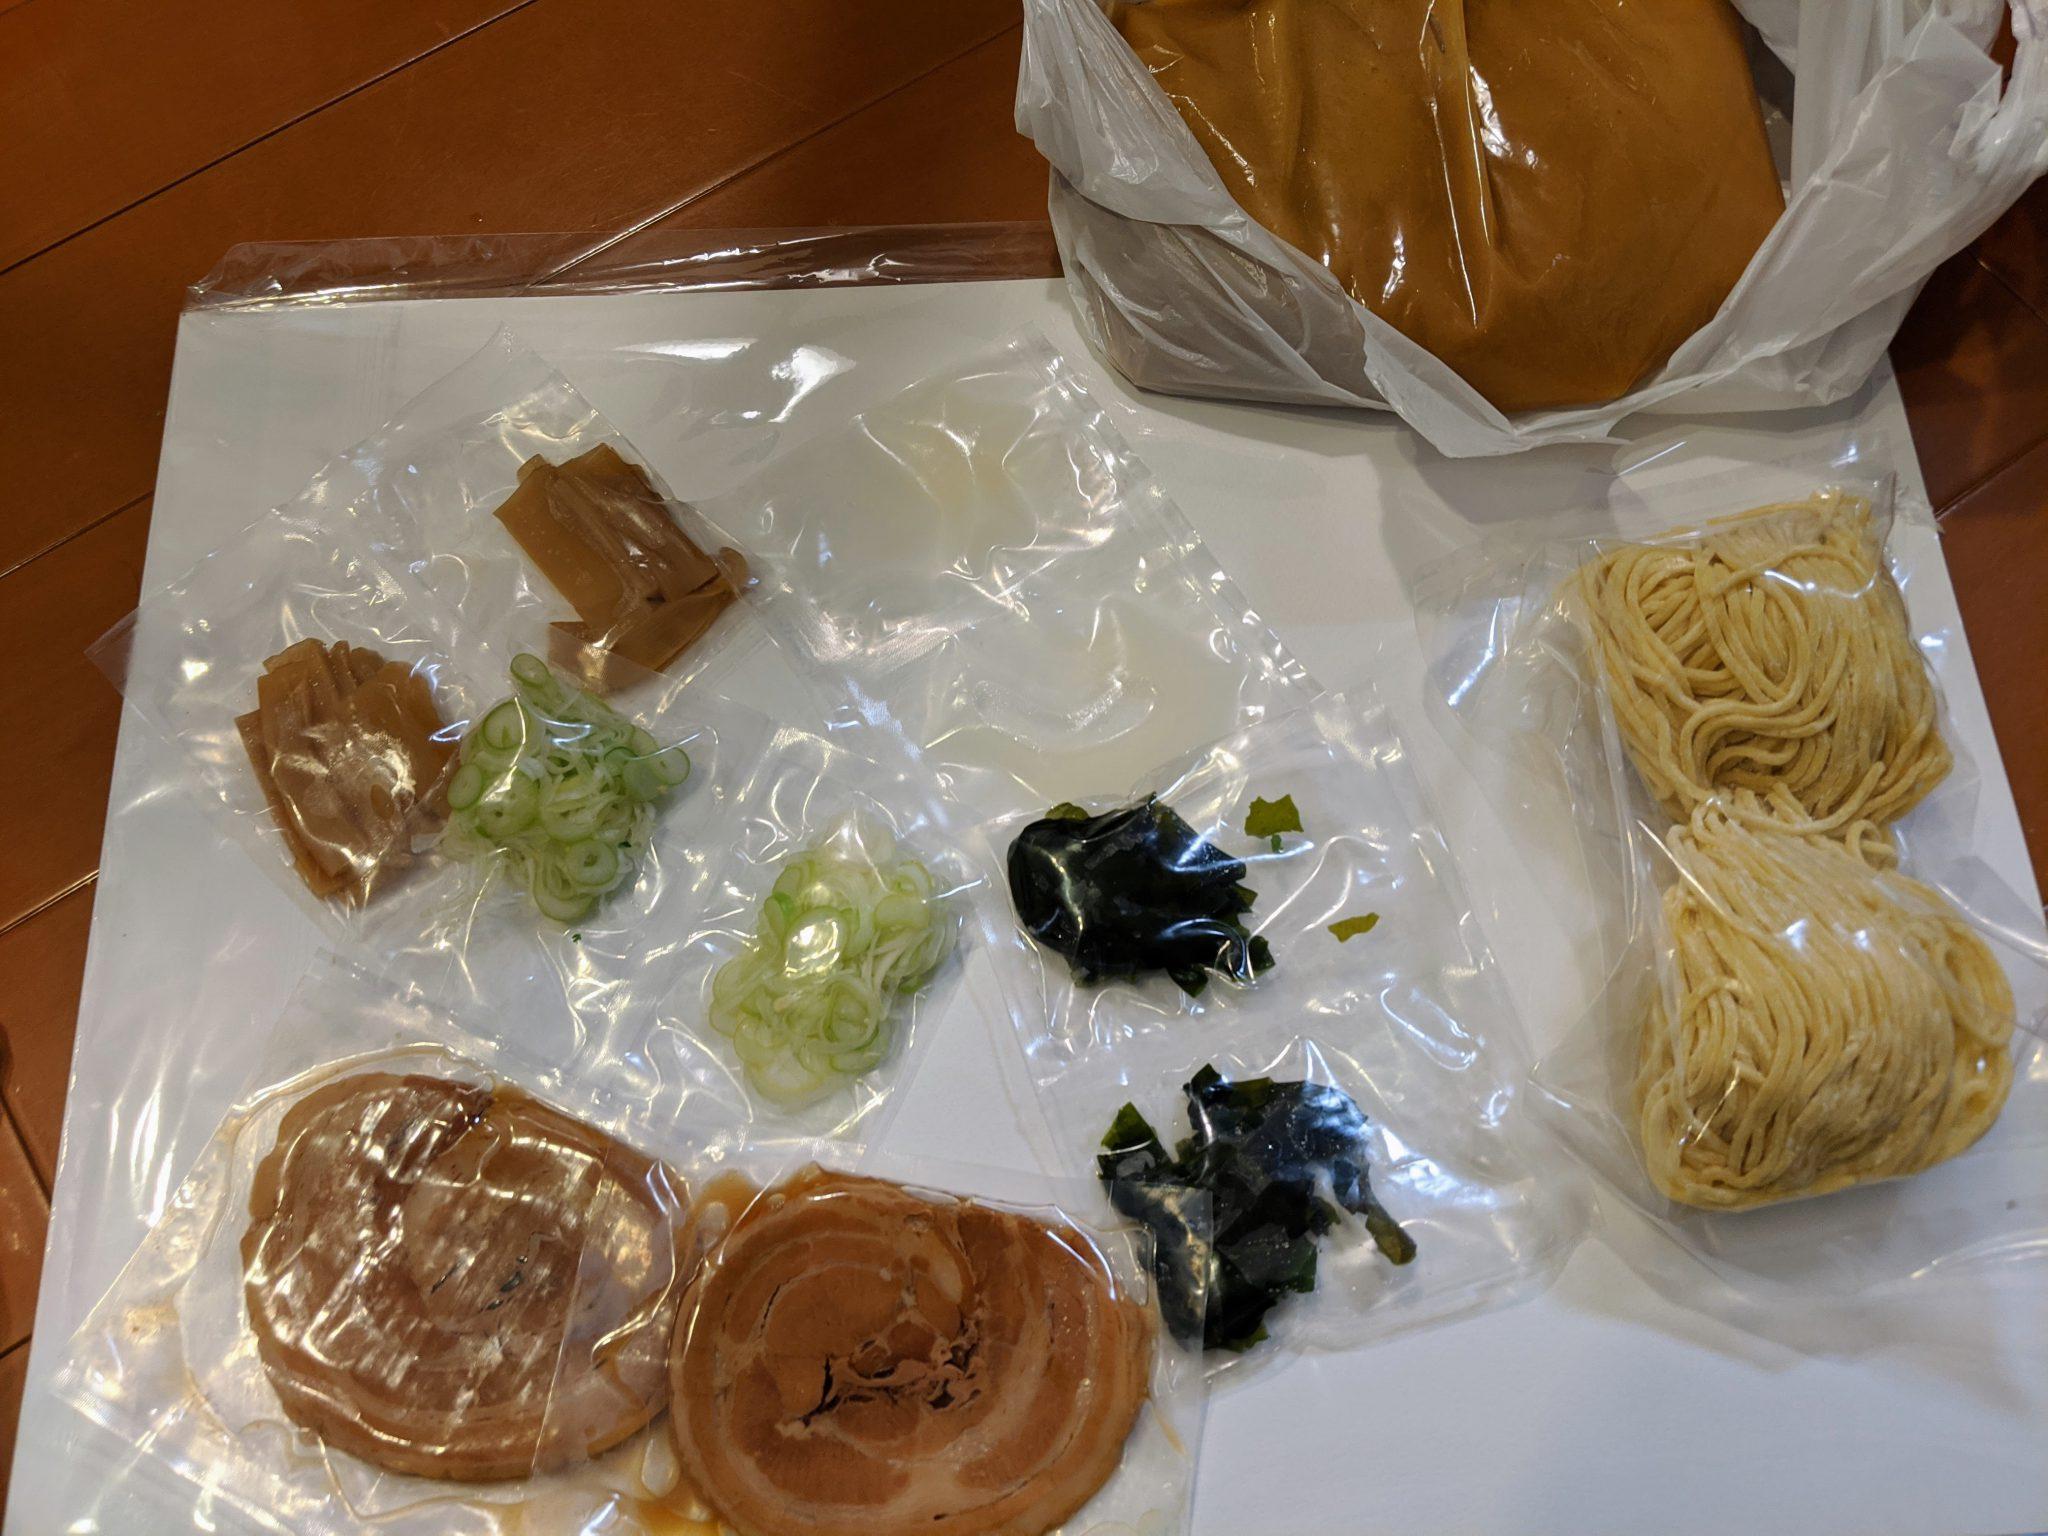 熟成田舎味噌らーめん「幸麺」が自宅で楽しめる! とちつーテイクアウト(2)